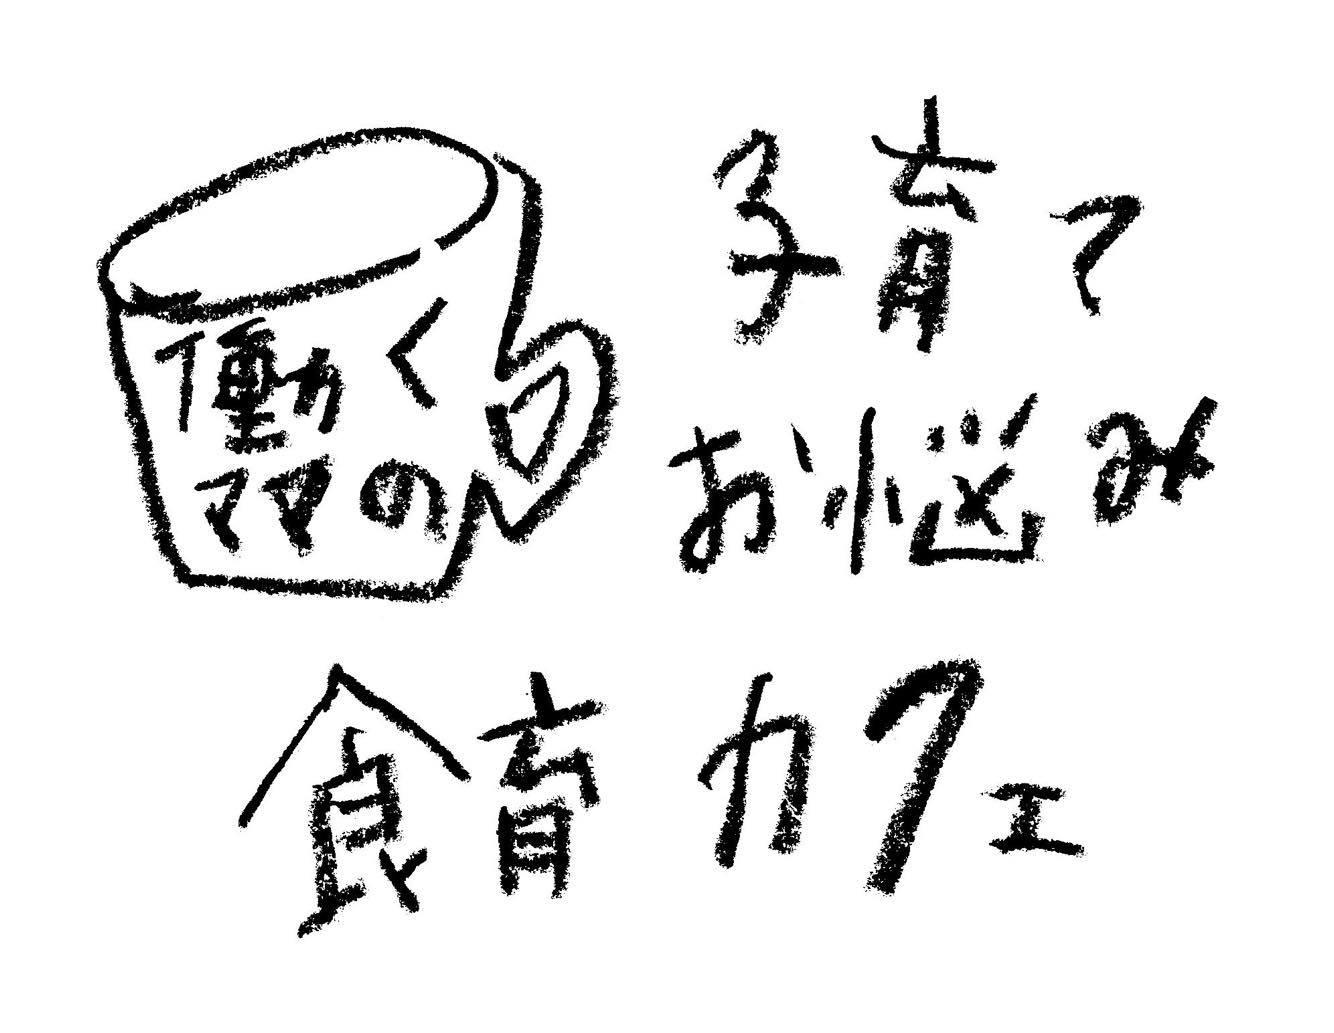 2017年1月28日(土)『 働くママの子育てお悩み食育カフェ vol.2 』を開催決定!